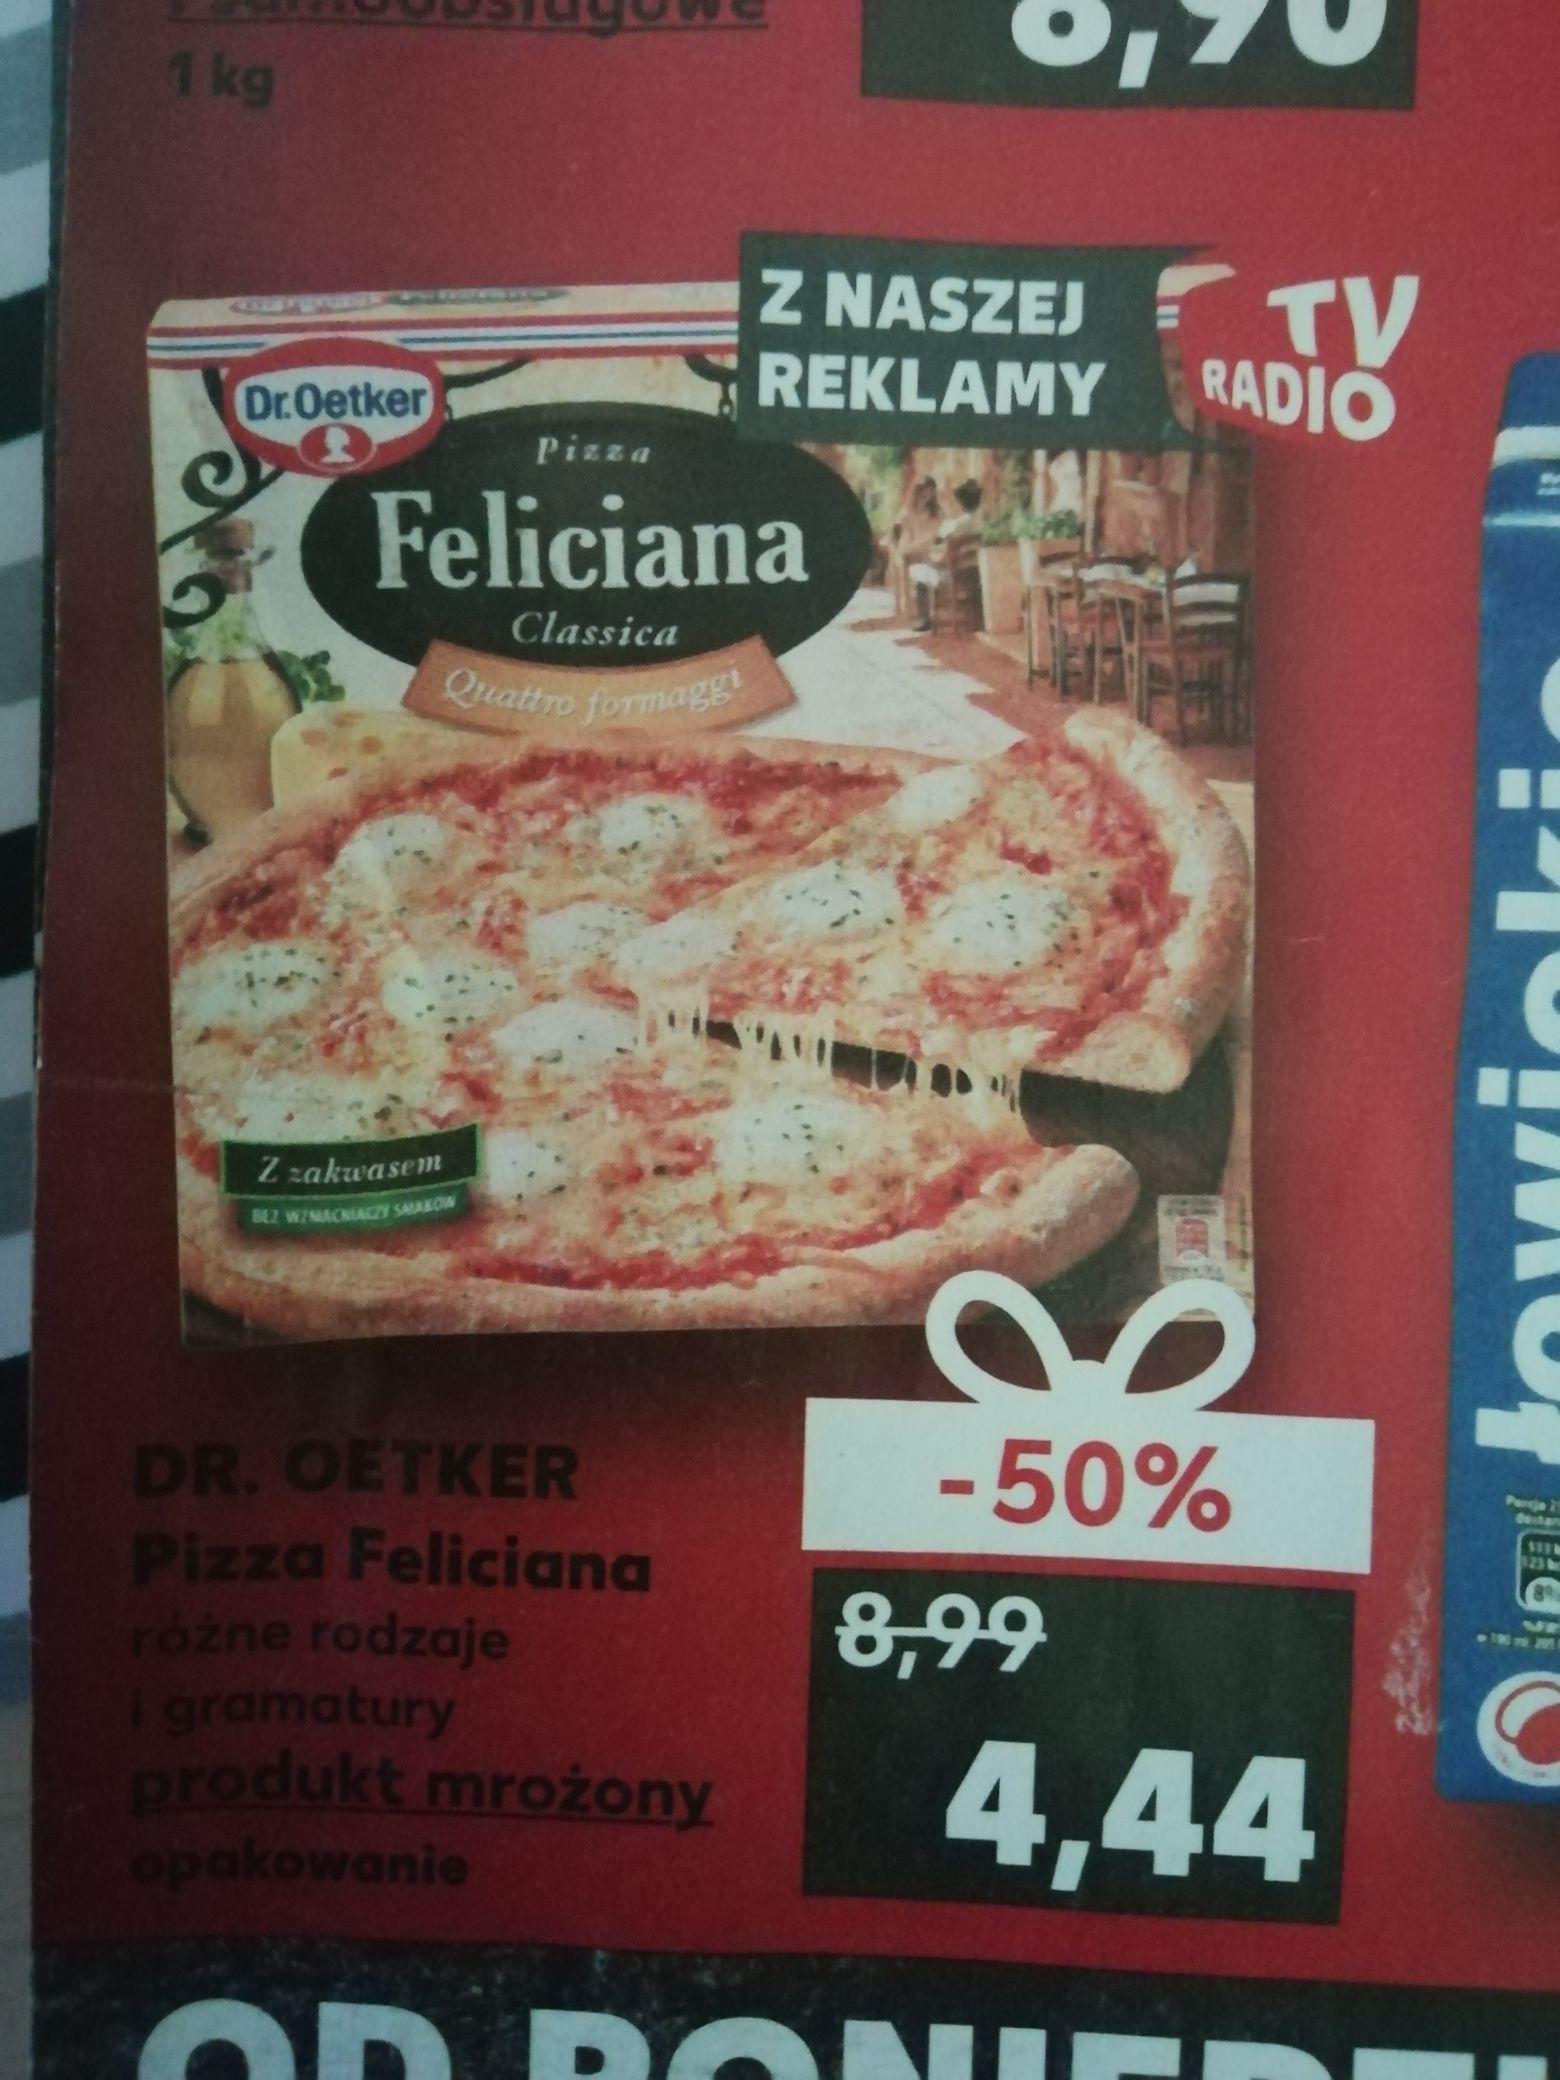 Pizza Feliciana różne rodzaje Kaufland